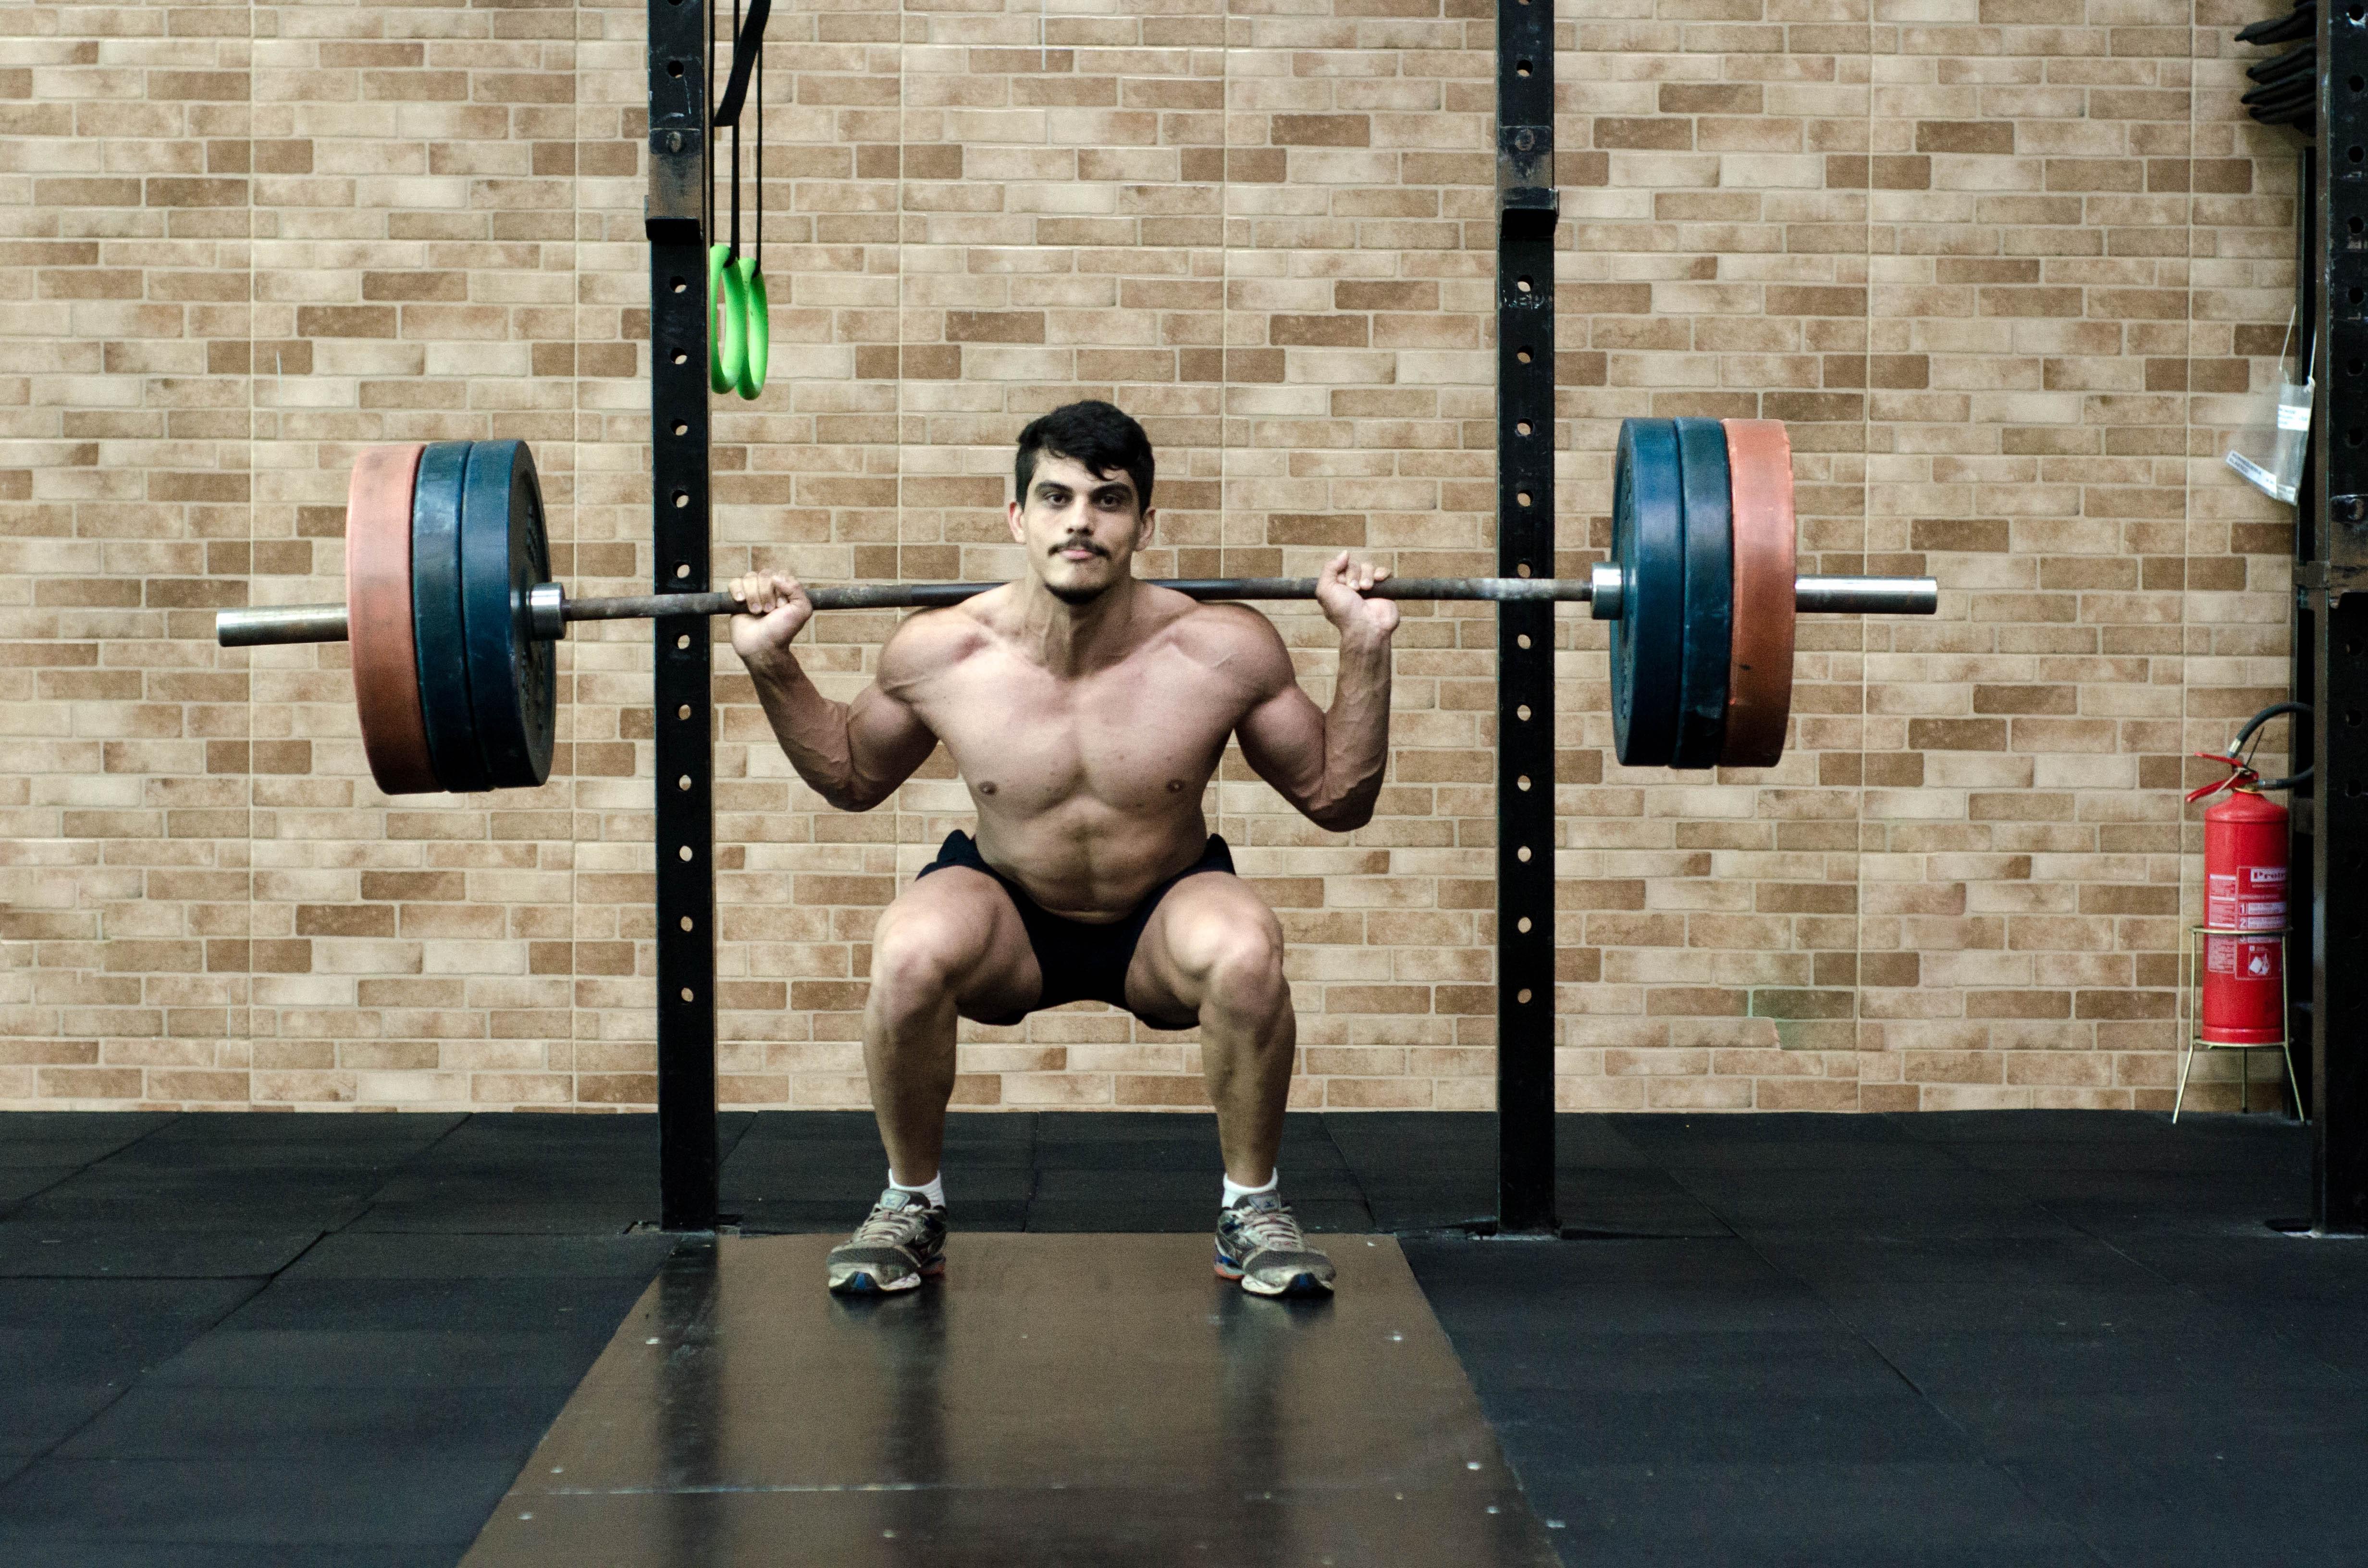 Vücut geliştirme çalışmalarında en popüler temel egzersizler 55